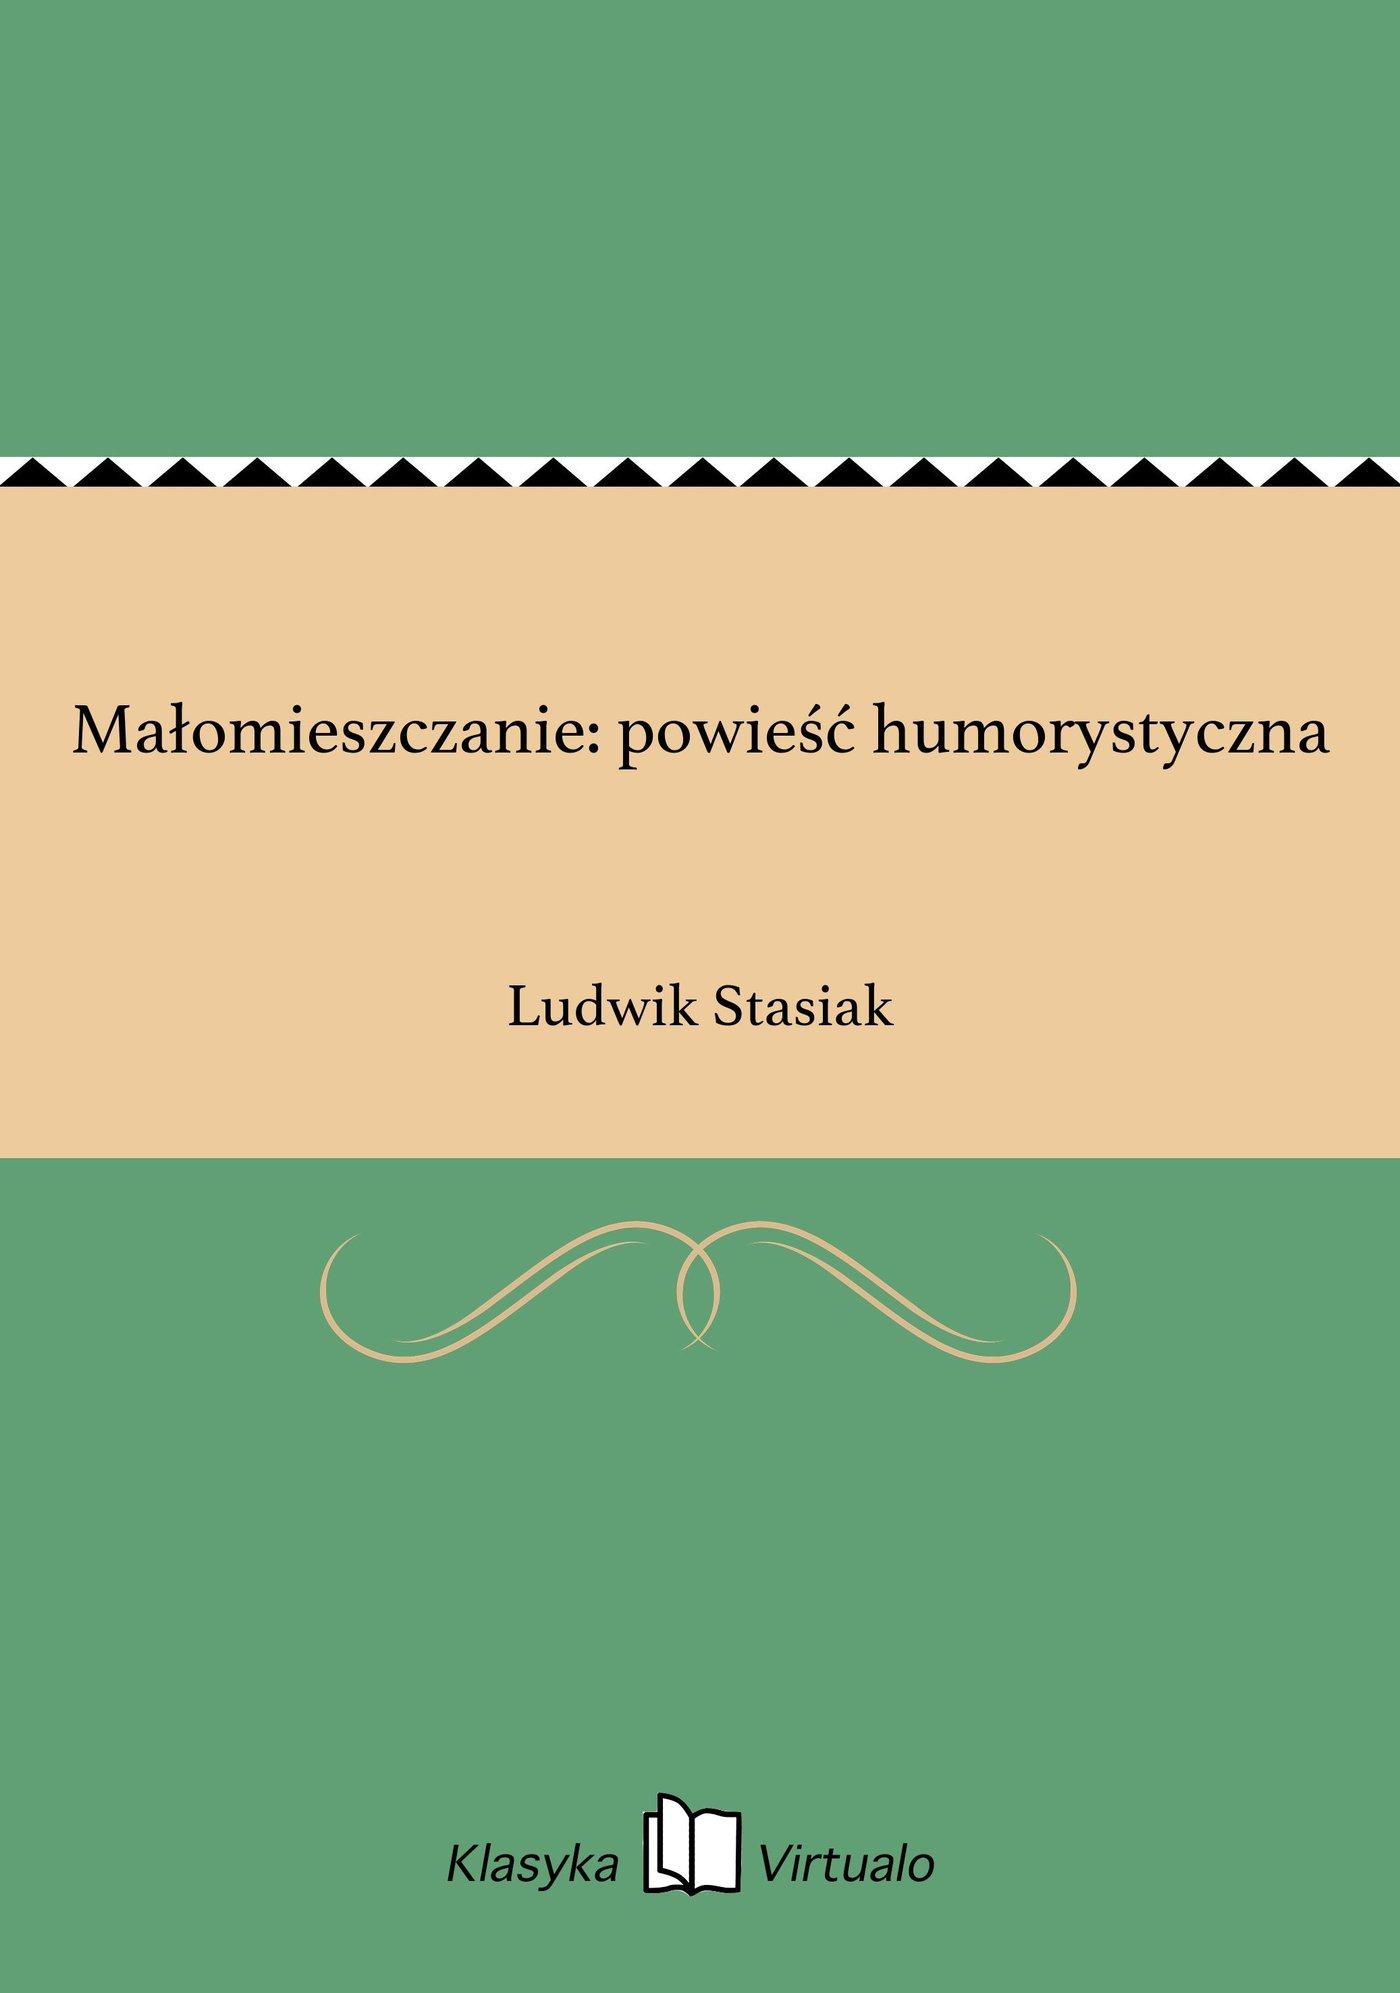 Małomieszczanie: powieść humorystyczna - Ebook (Książka EPUB) do pobrania w formacie EPUB